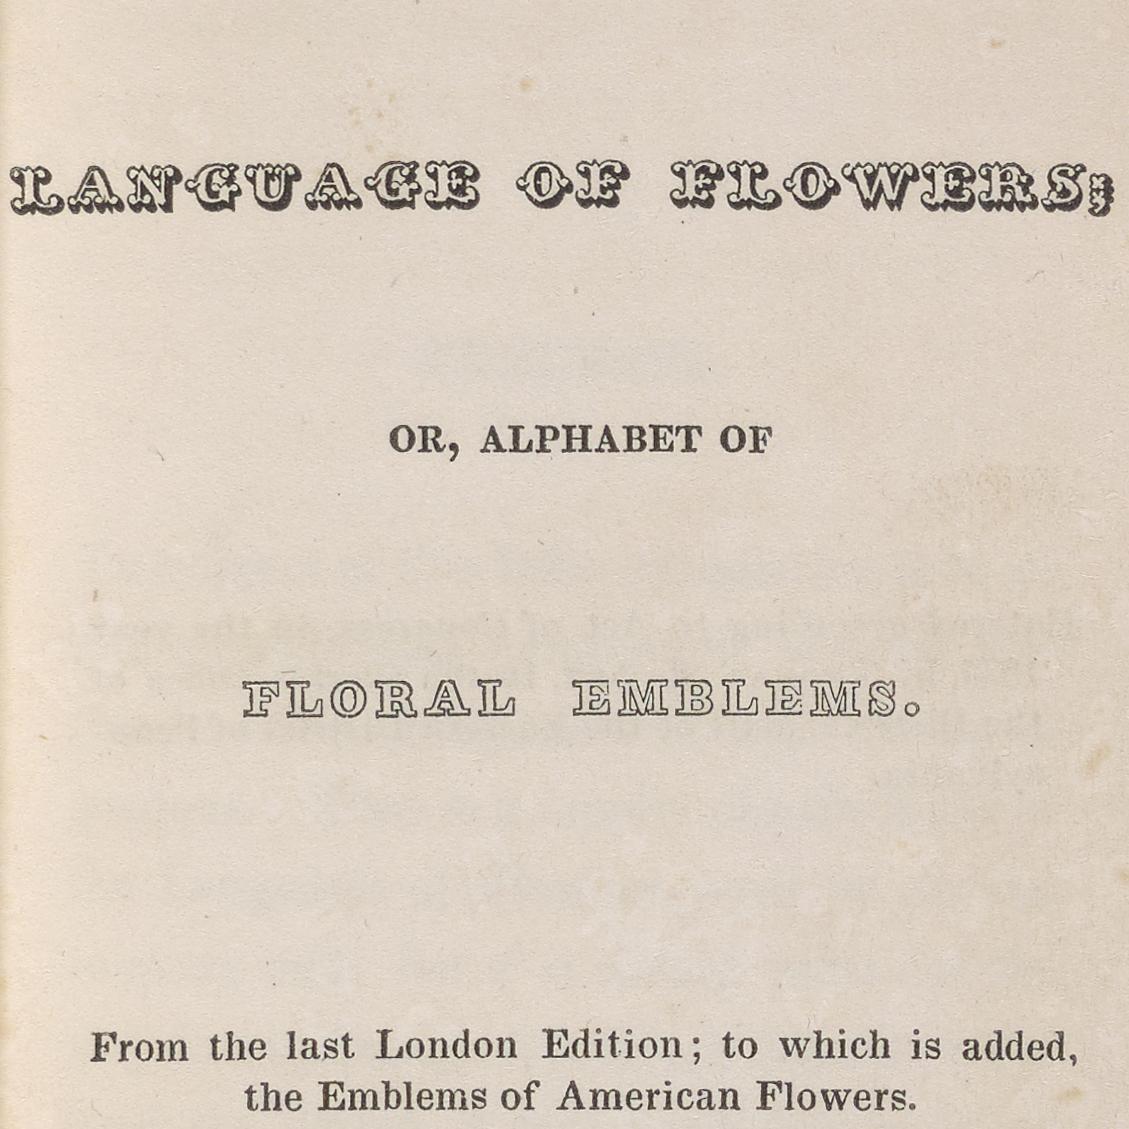 FloralEmblems1836-205173_011